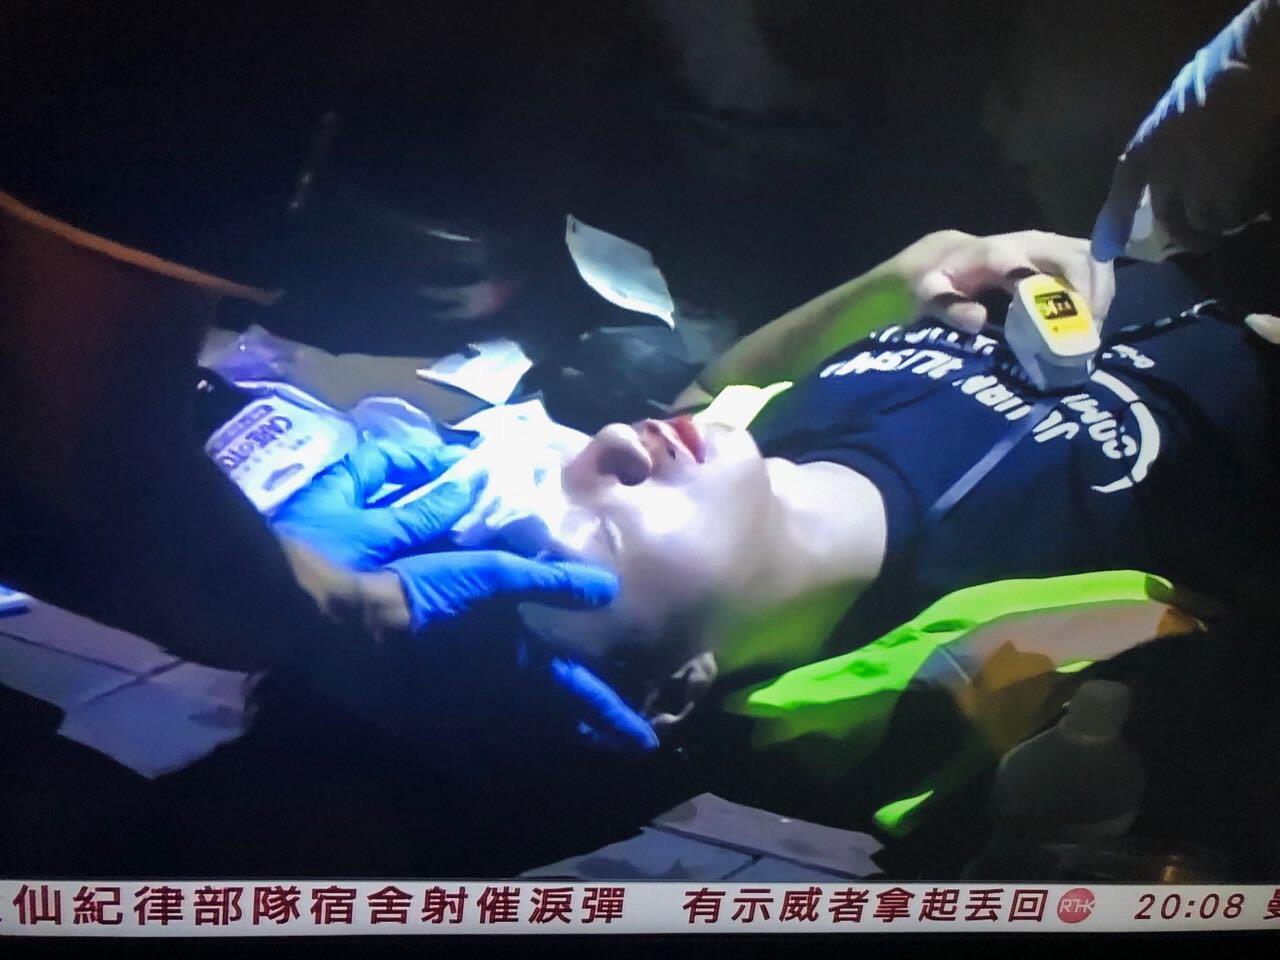 Hong Kong   Polícia deteve jornalista que pediu informações sobre colega ferido